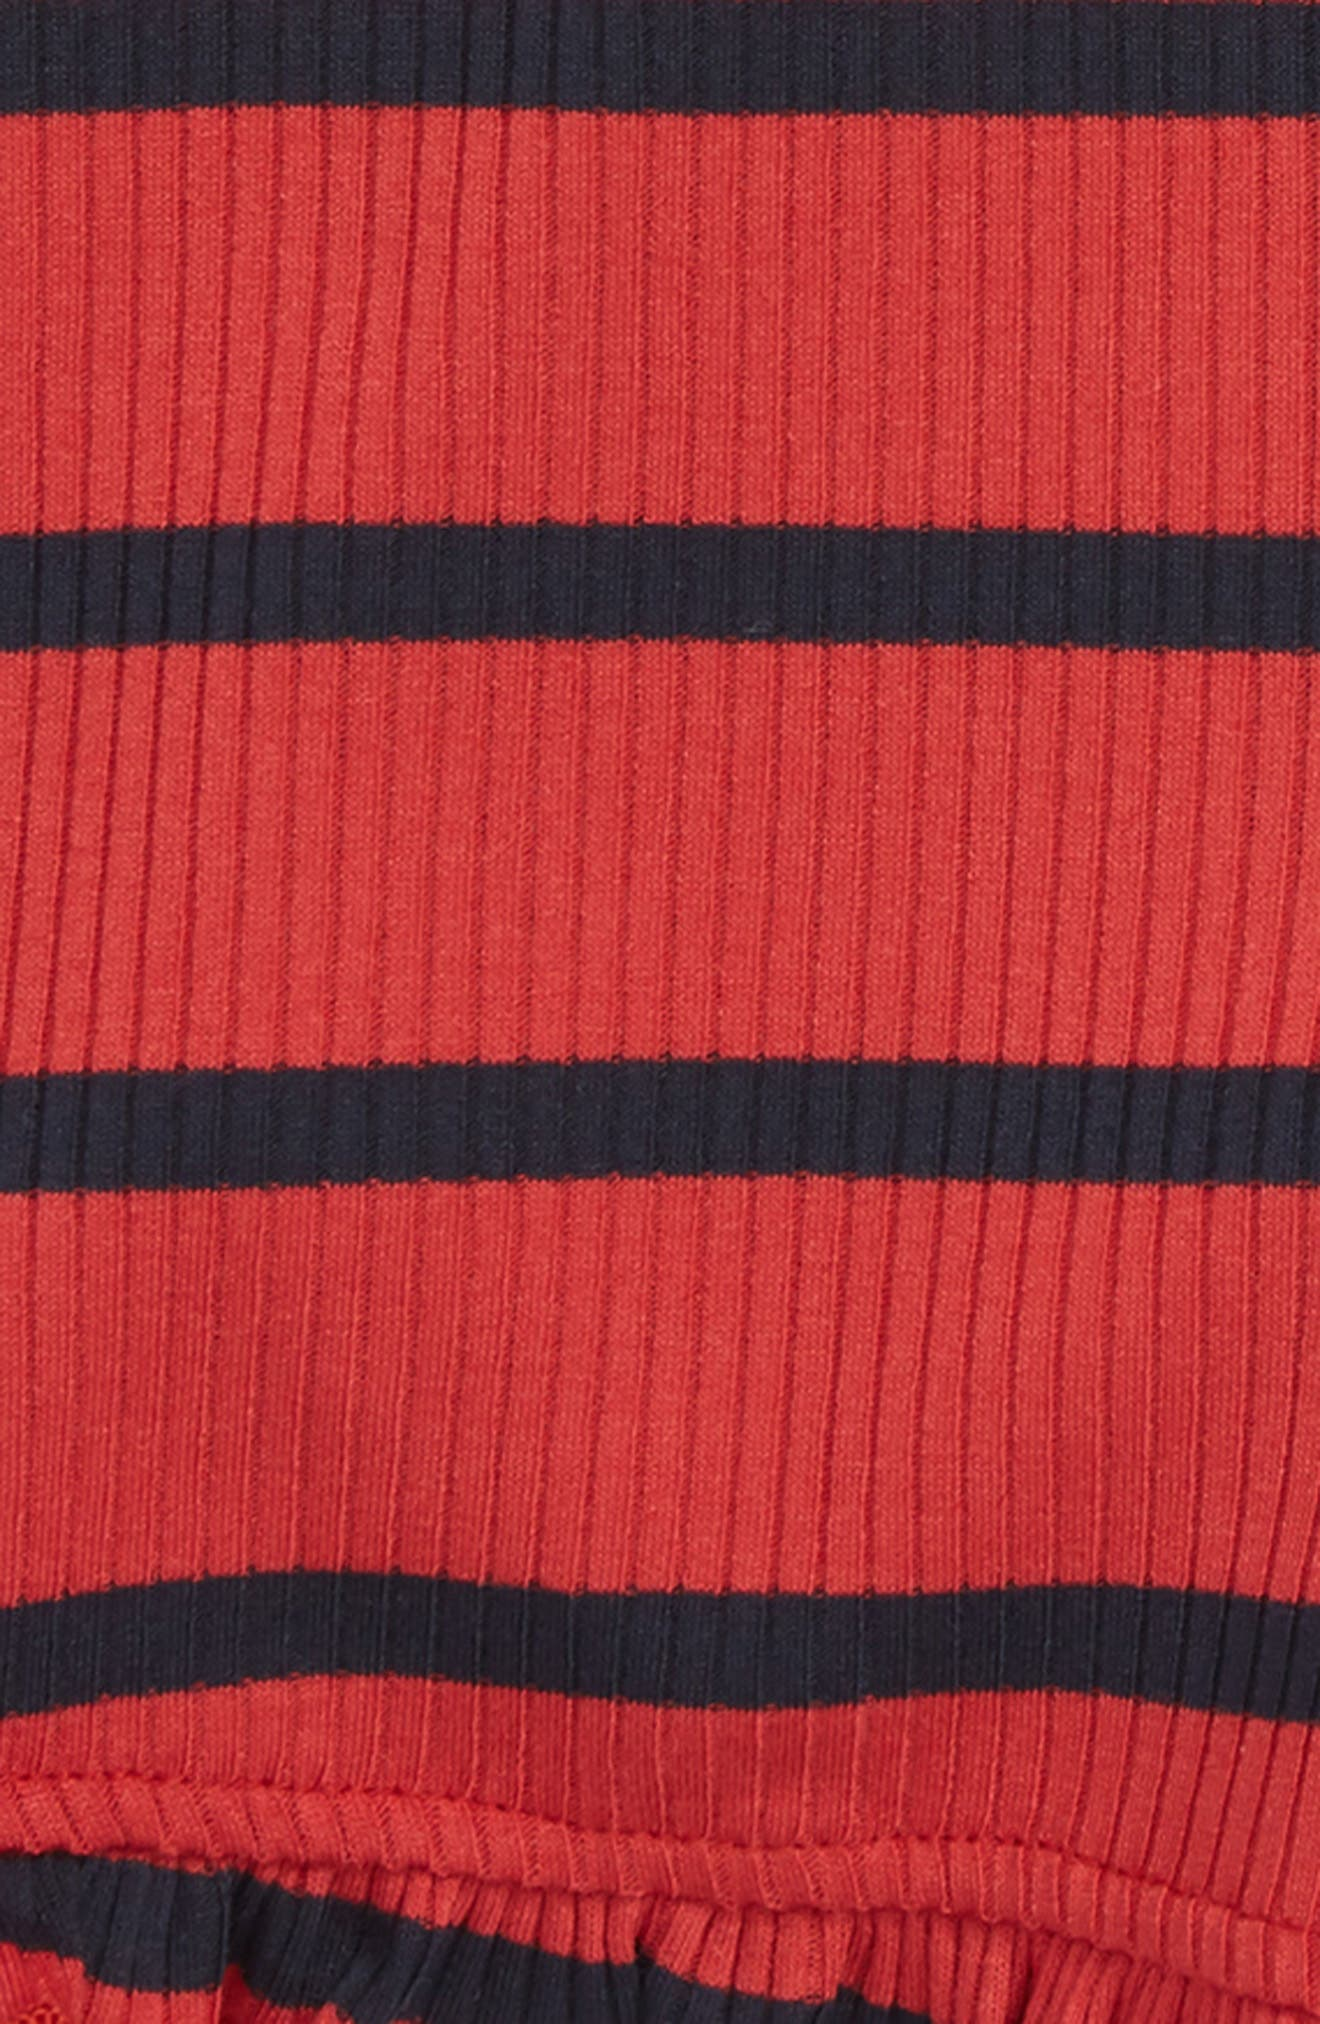 Stripe Ruffle Shorts,                             Alternate thumbnail 2, color,                             604